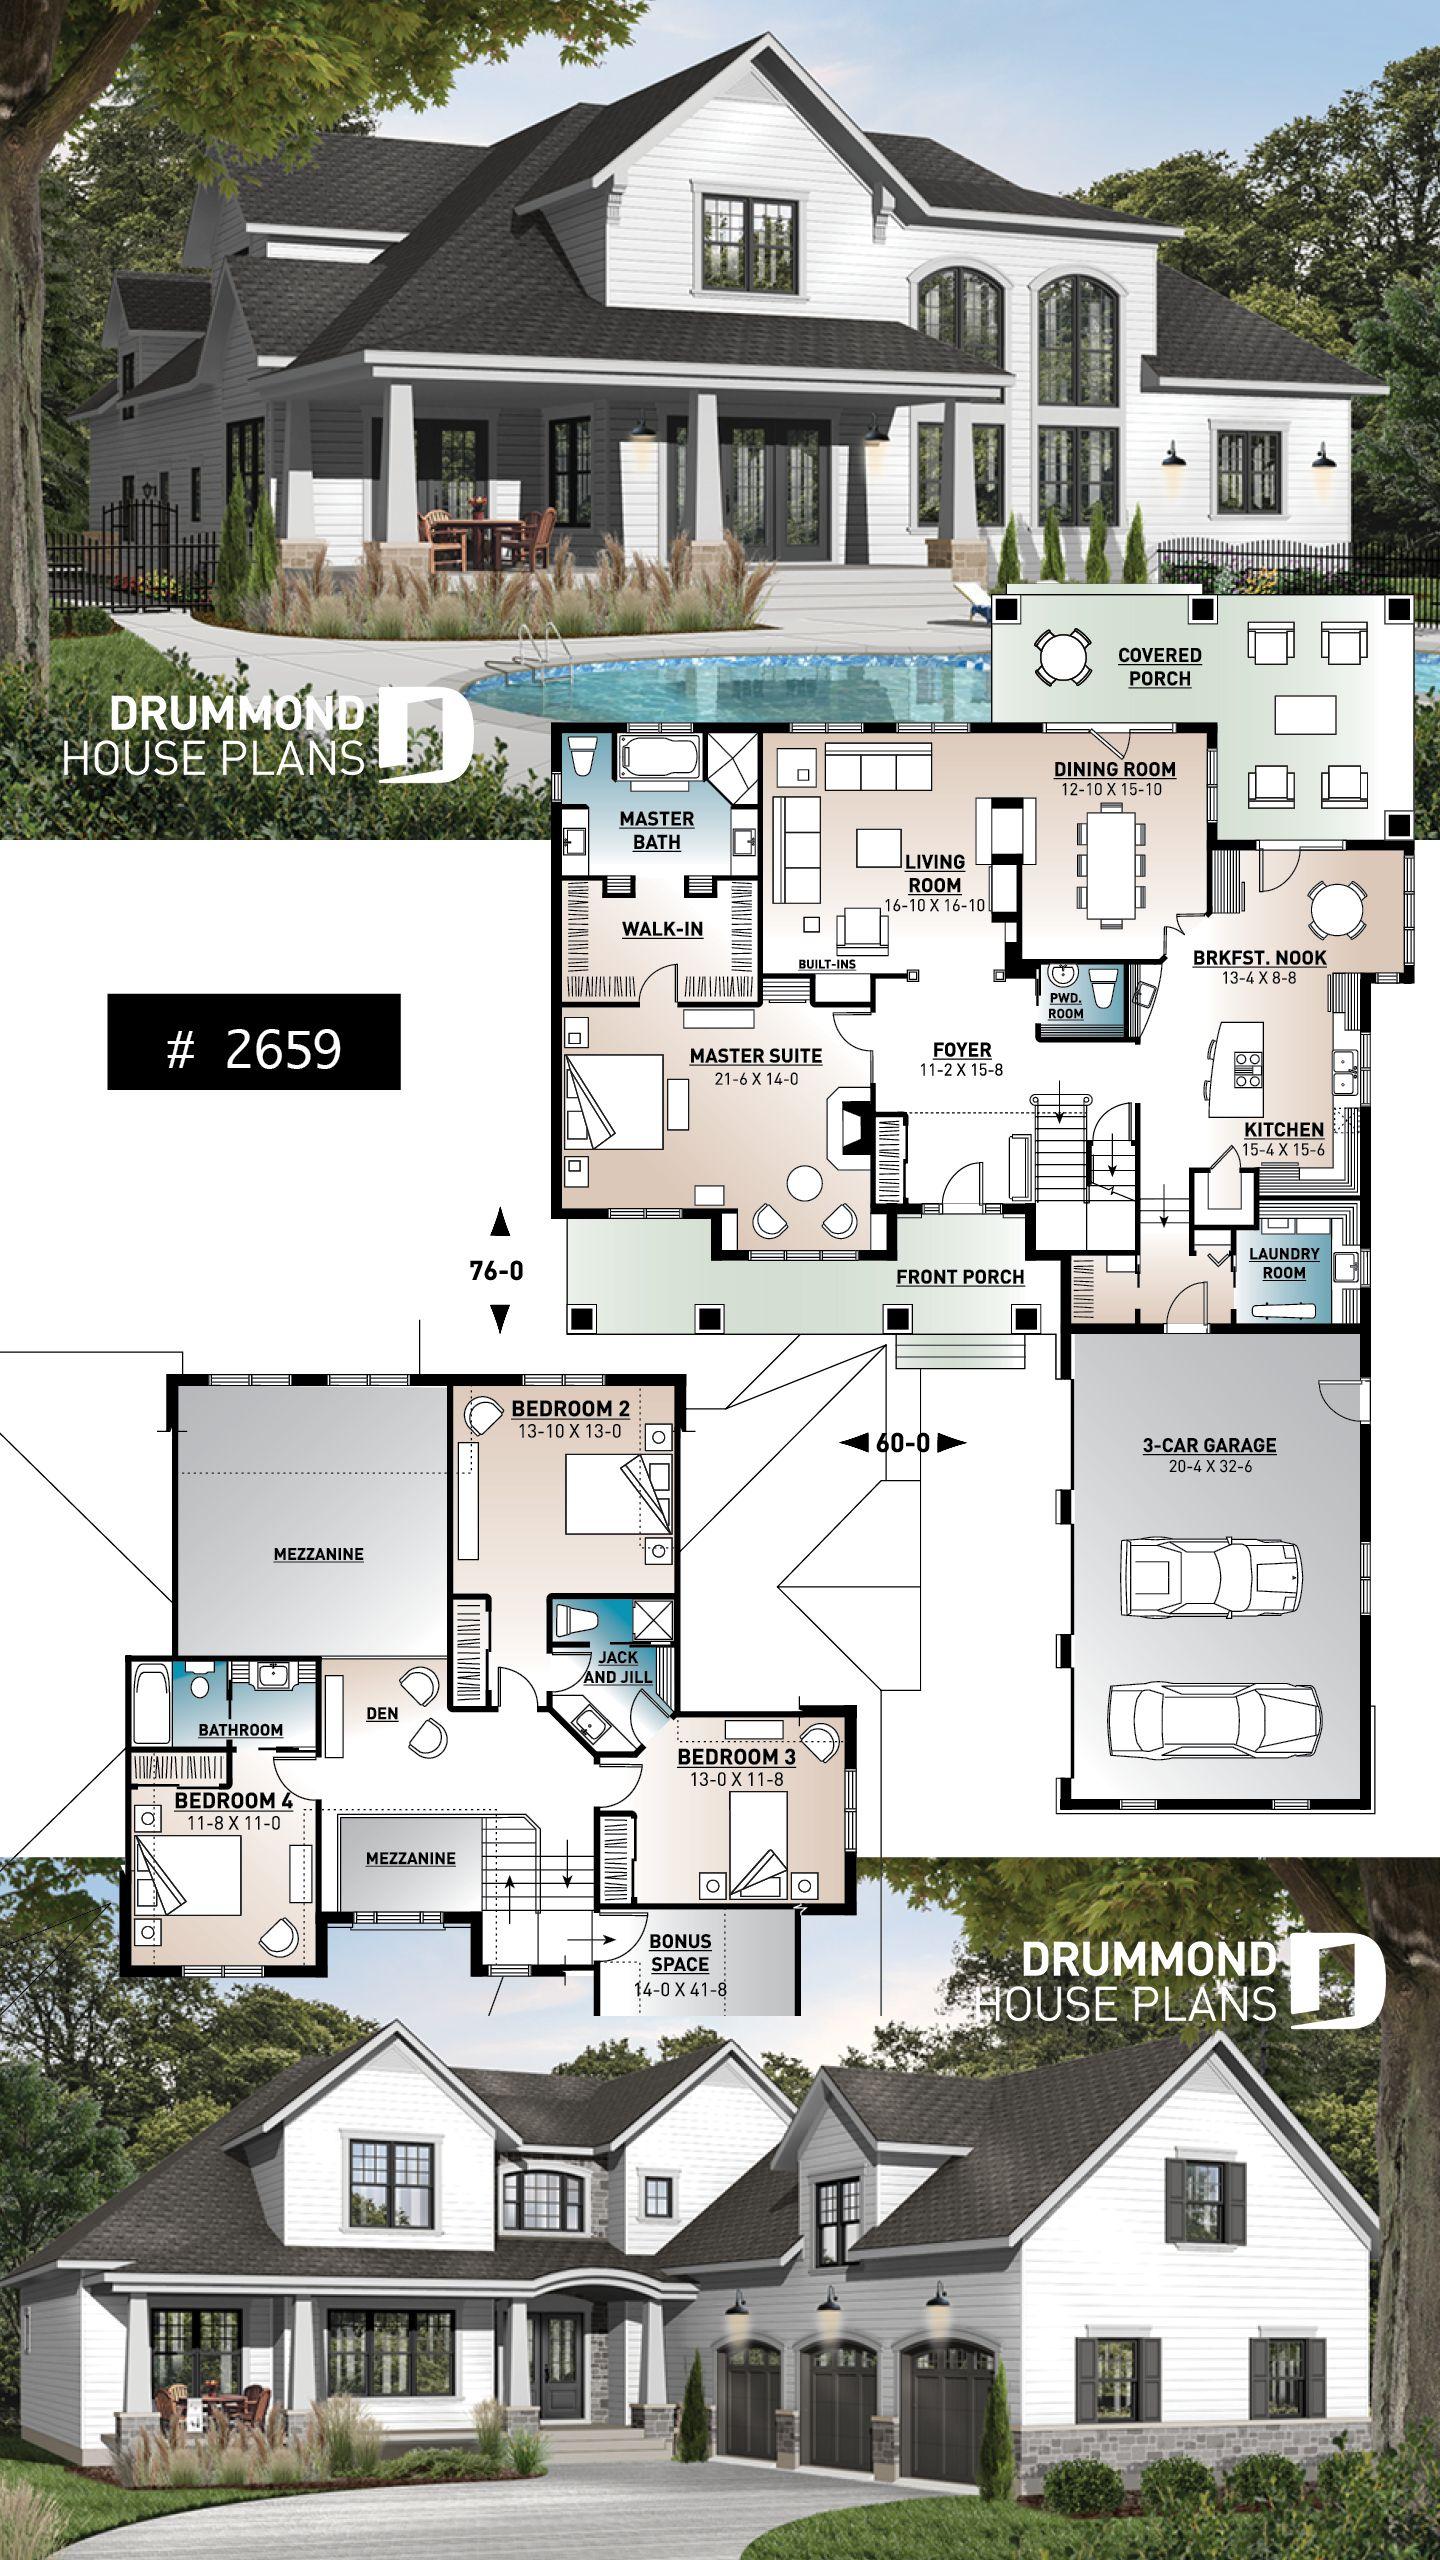 5 Bedroom 4 Bath Farmhouse Plans